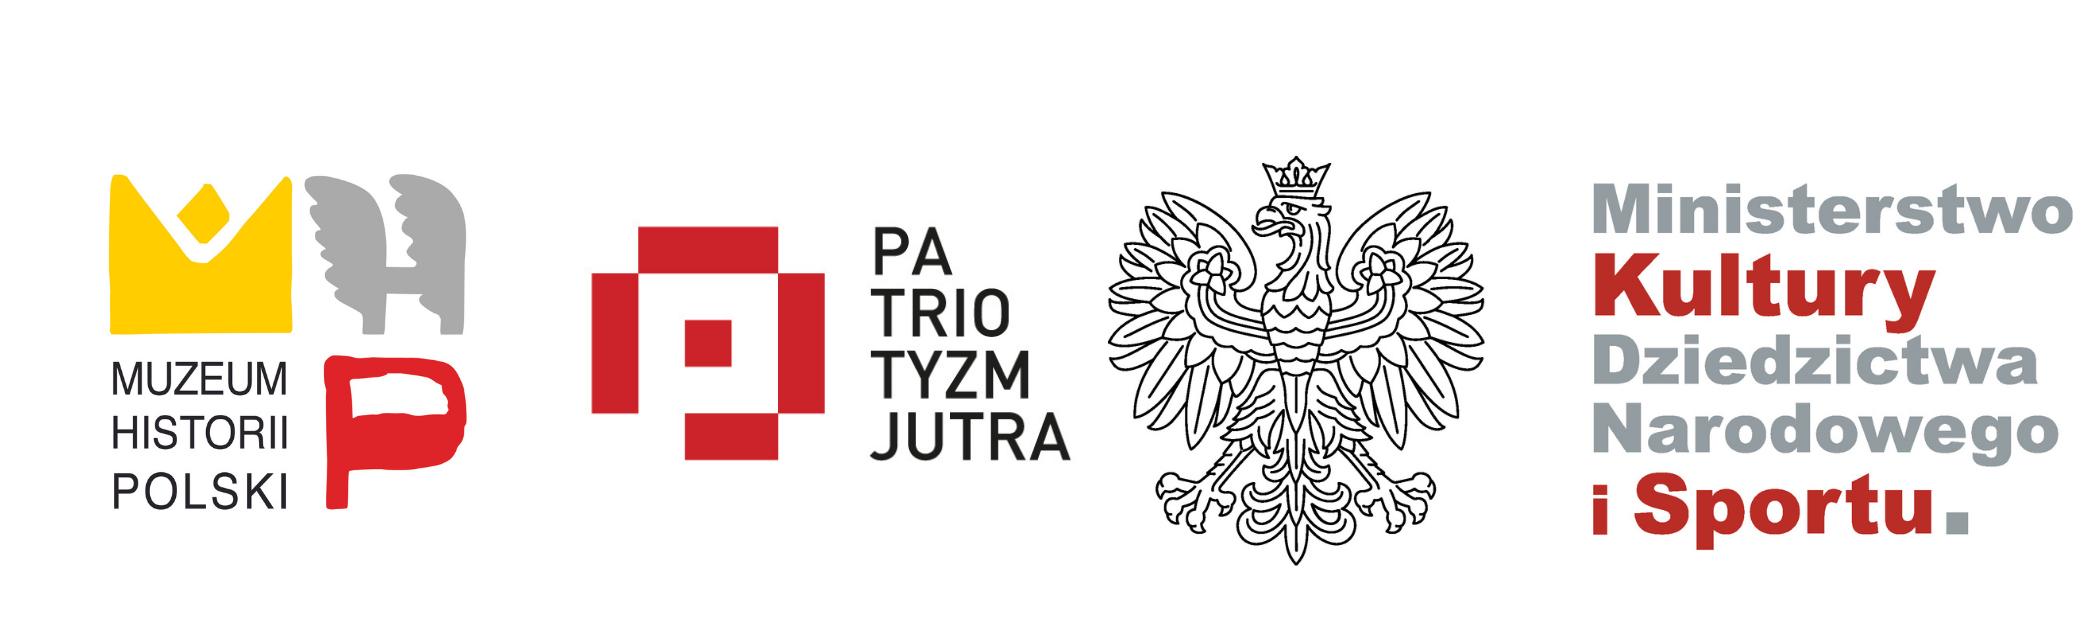 logo muzeum historii polski, programu patriotyzm jutra, ministerstwo kultury, dziedzictwa narodowego i sportu